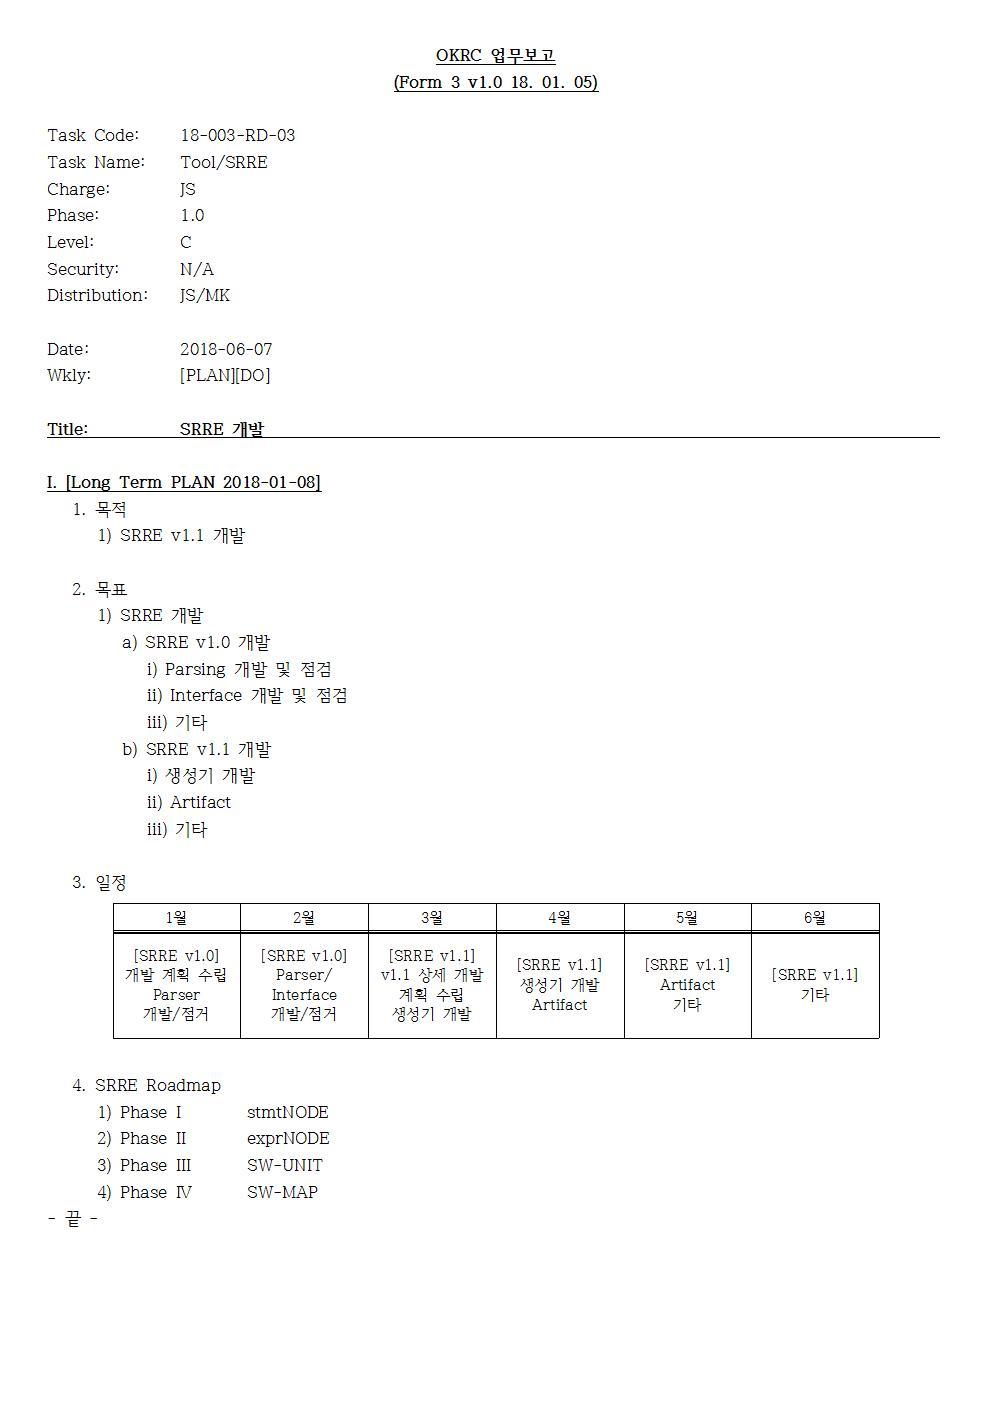 D-[18-003-RD-03]-[SRRE]-[2018-06-07][JS]001.jpg